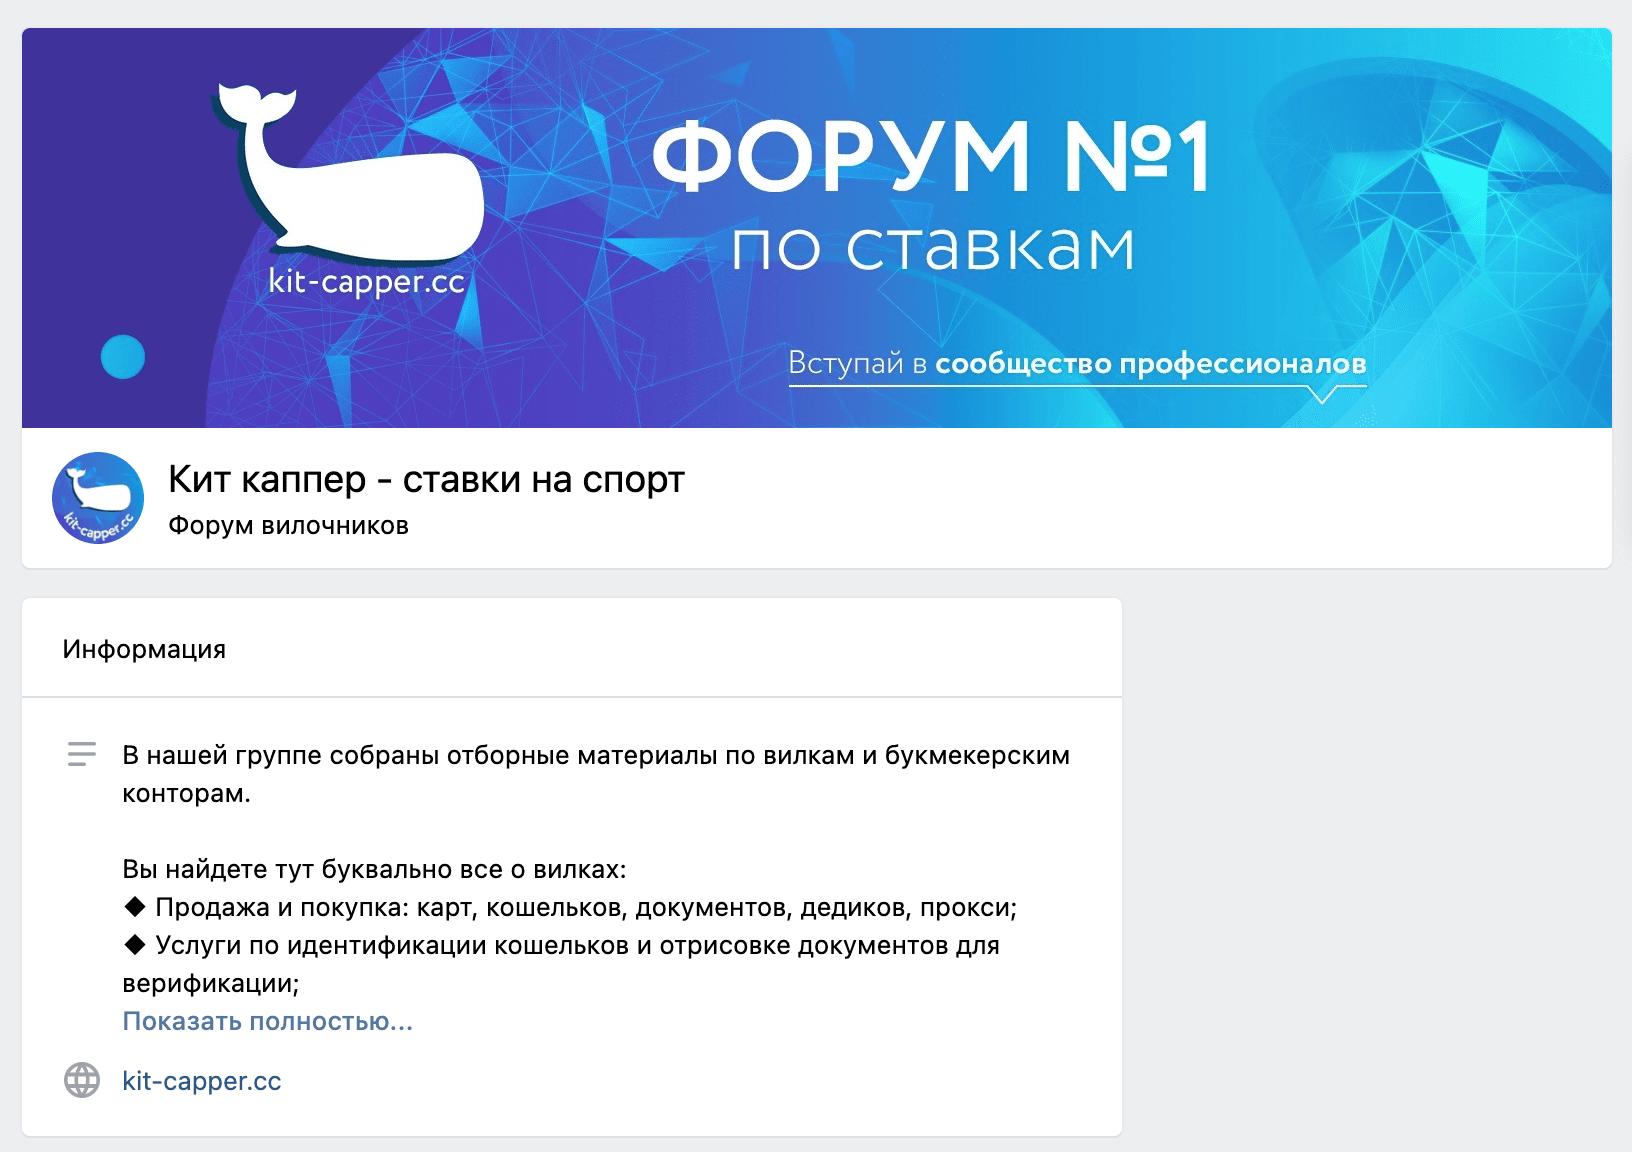 Группа ВК Кит-Каппер.ру(Kit-capper.cc)